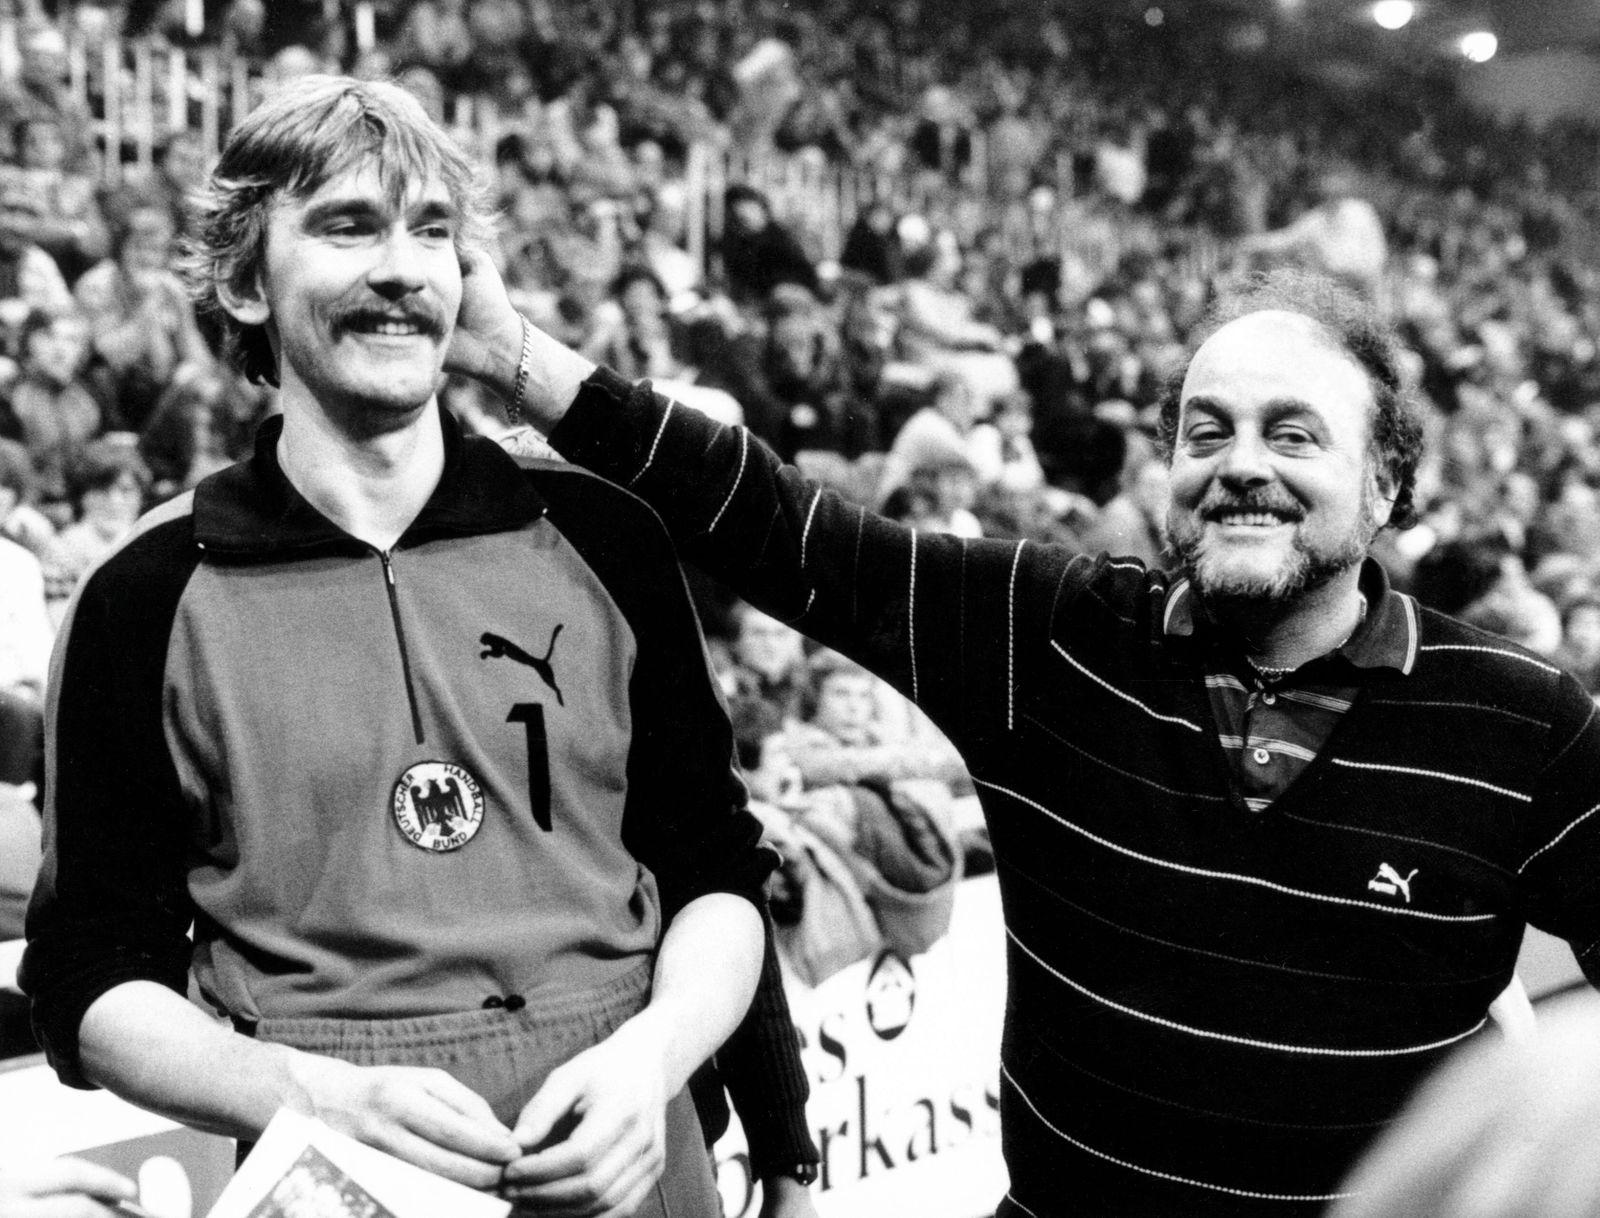 Torwart Andreas Thiel und Bundestrainer Vlado Stenzel (beide BR Deutschland)